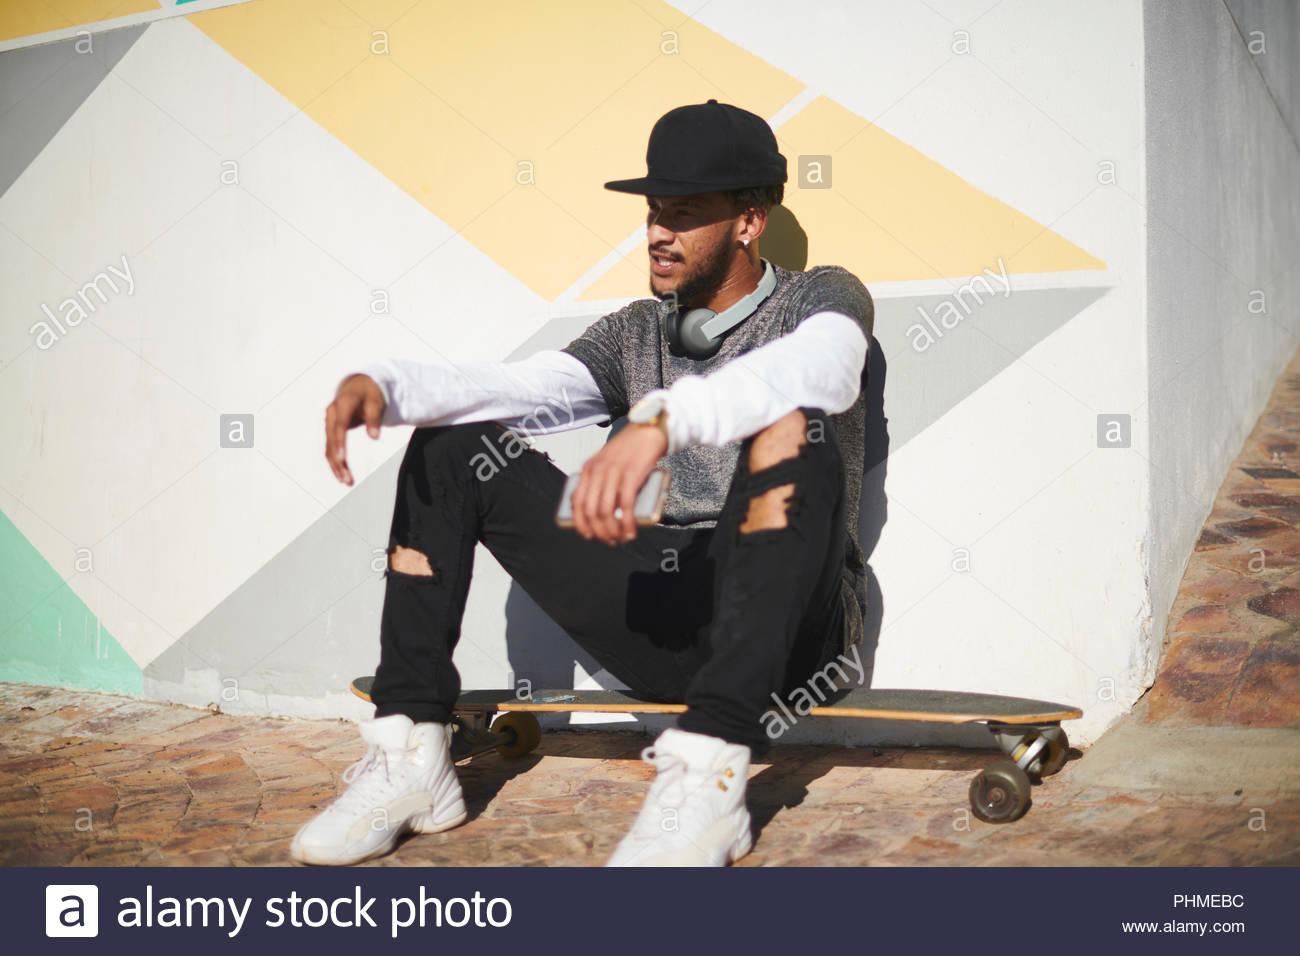 Junger Mann mit tragbaren Lautsprecher sitzen auf Skateboard Stockbild